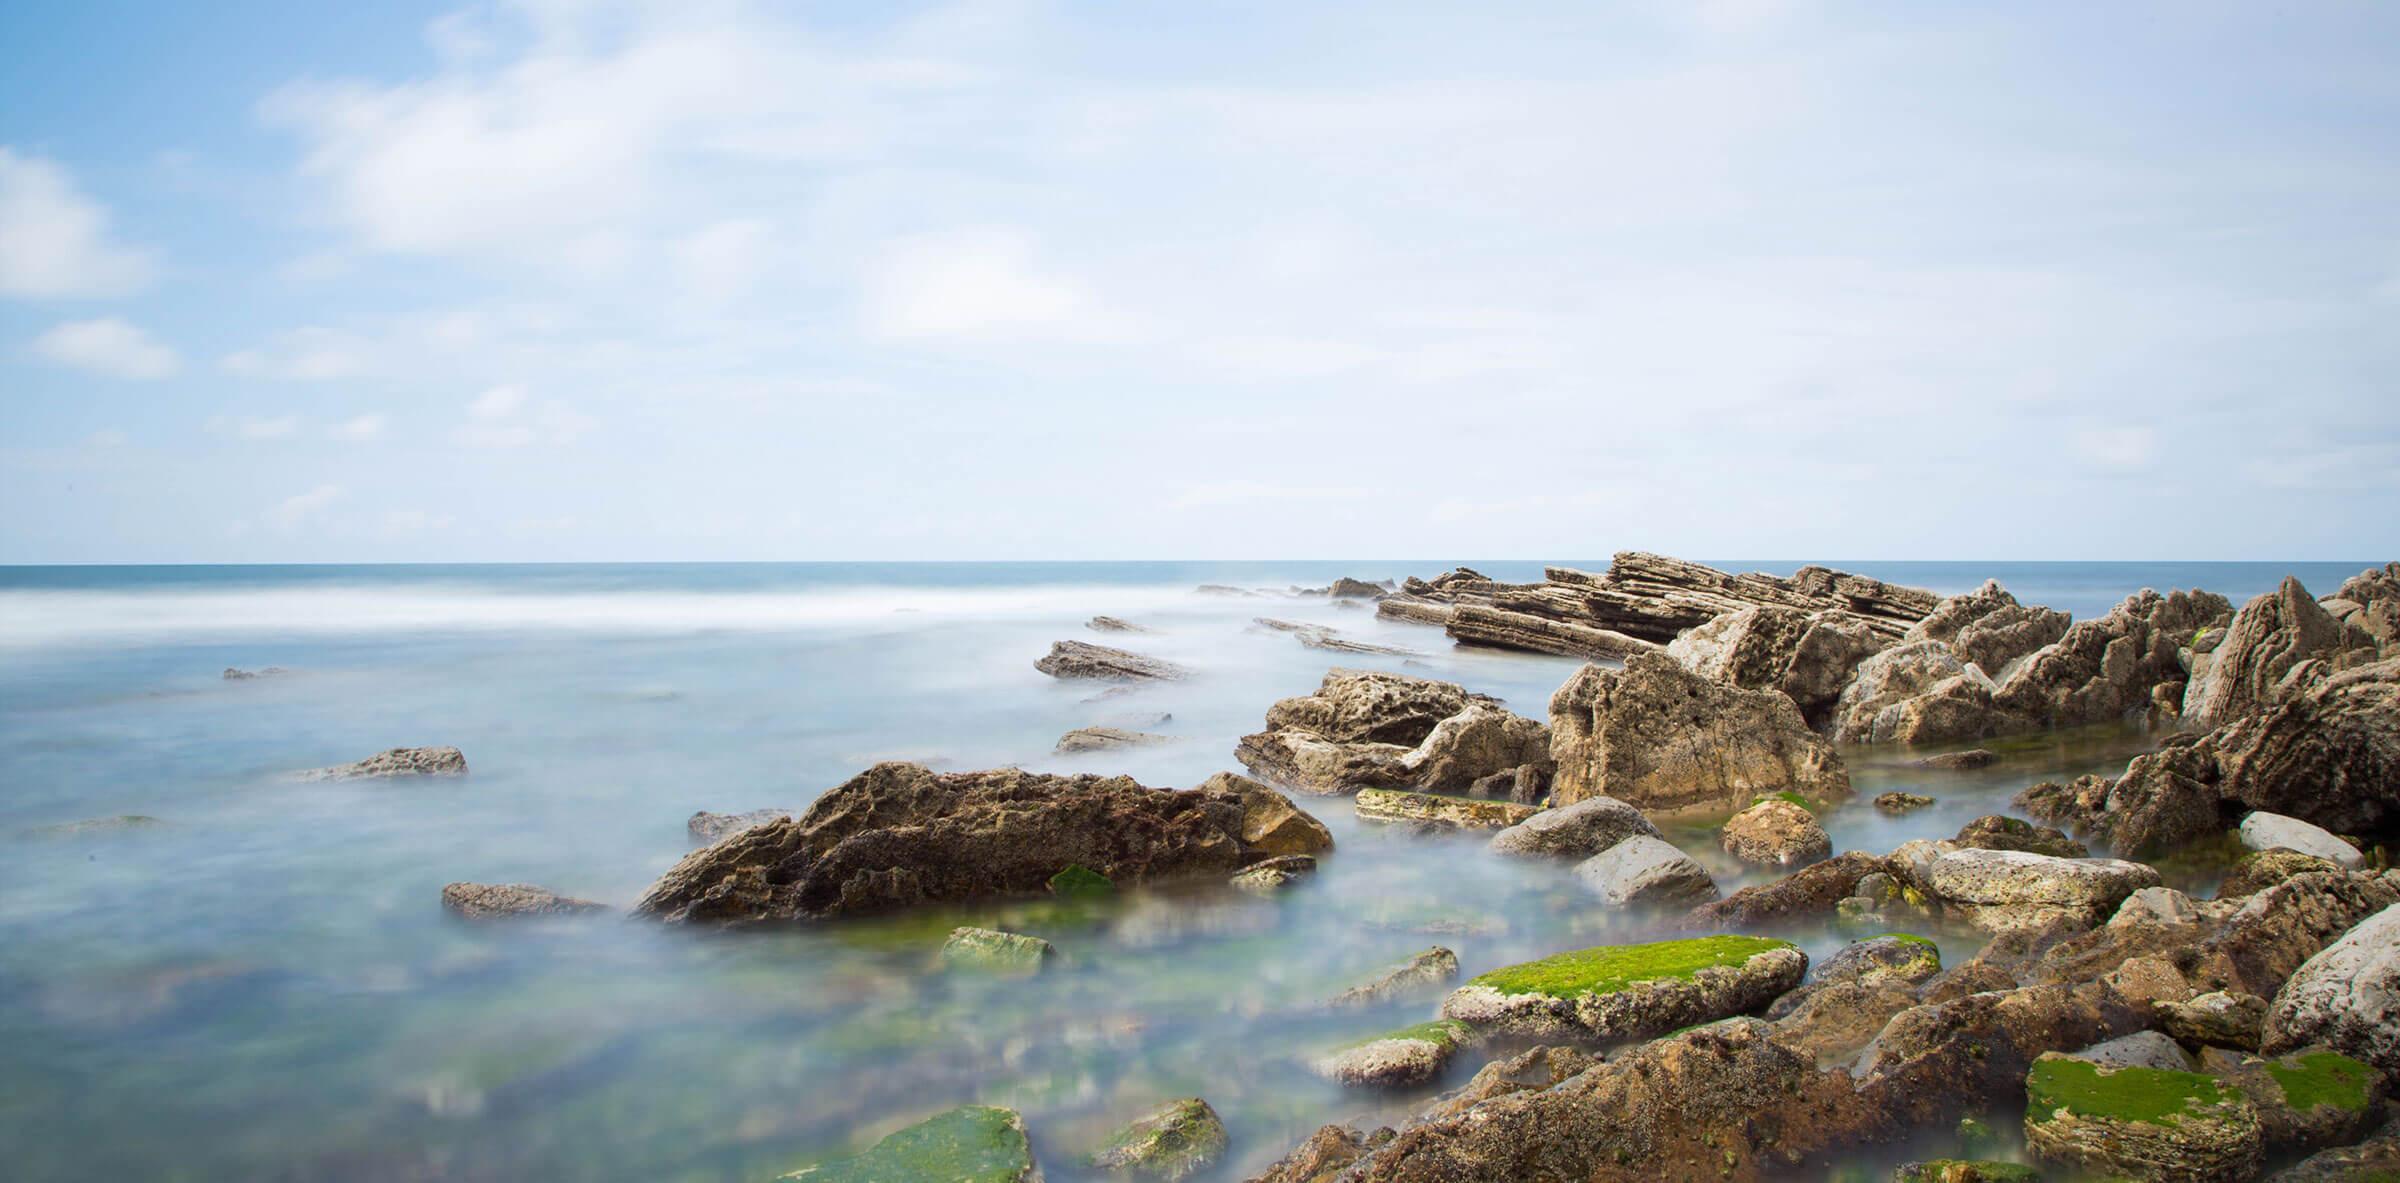 Costa con algas y rocas